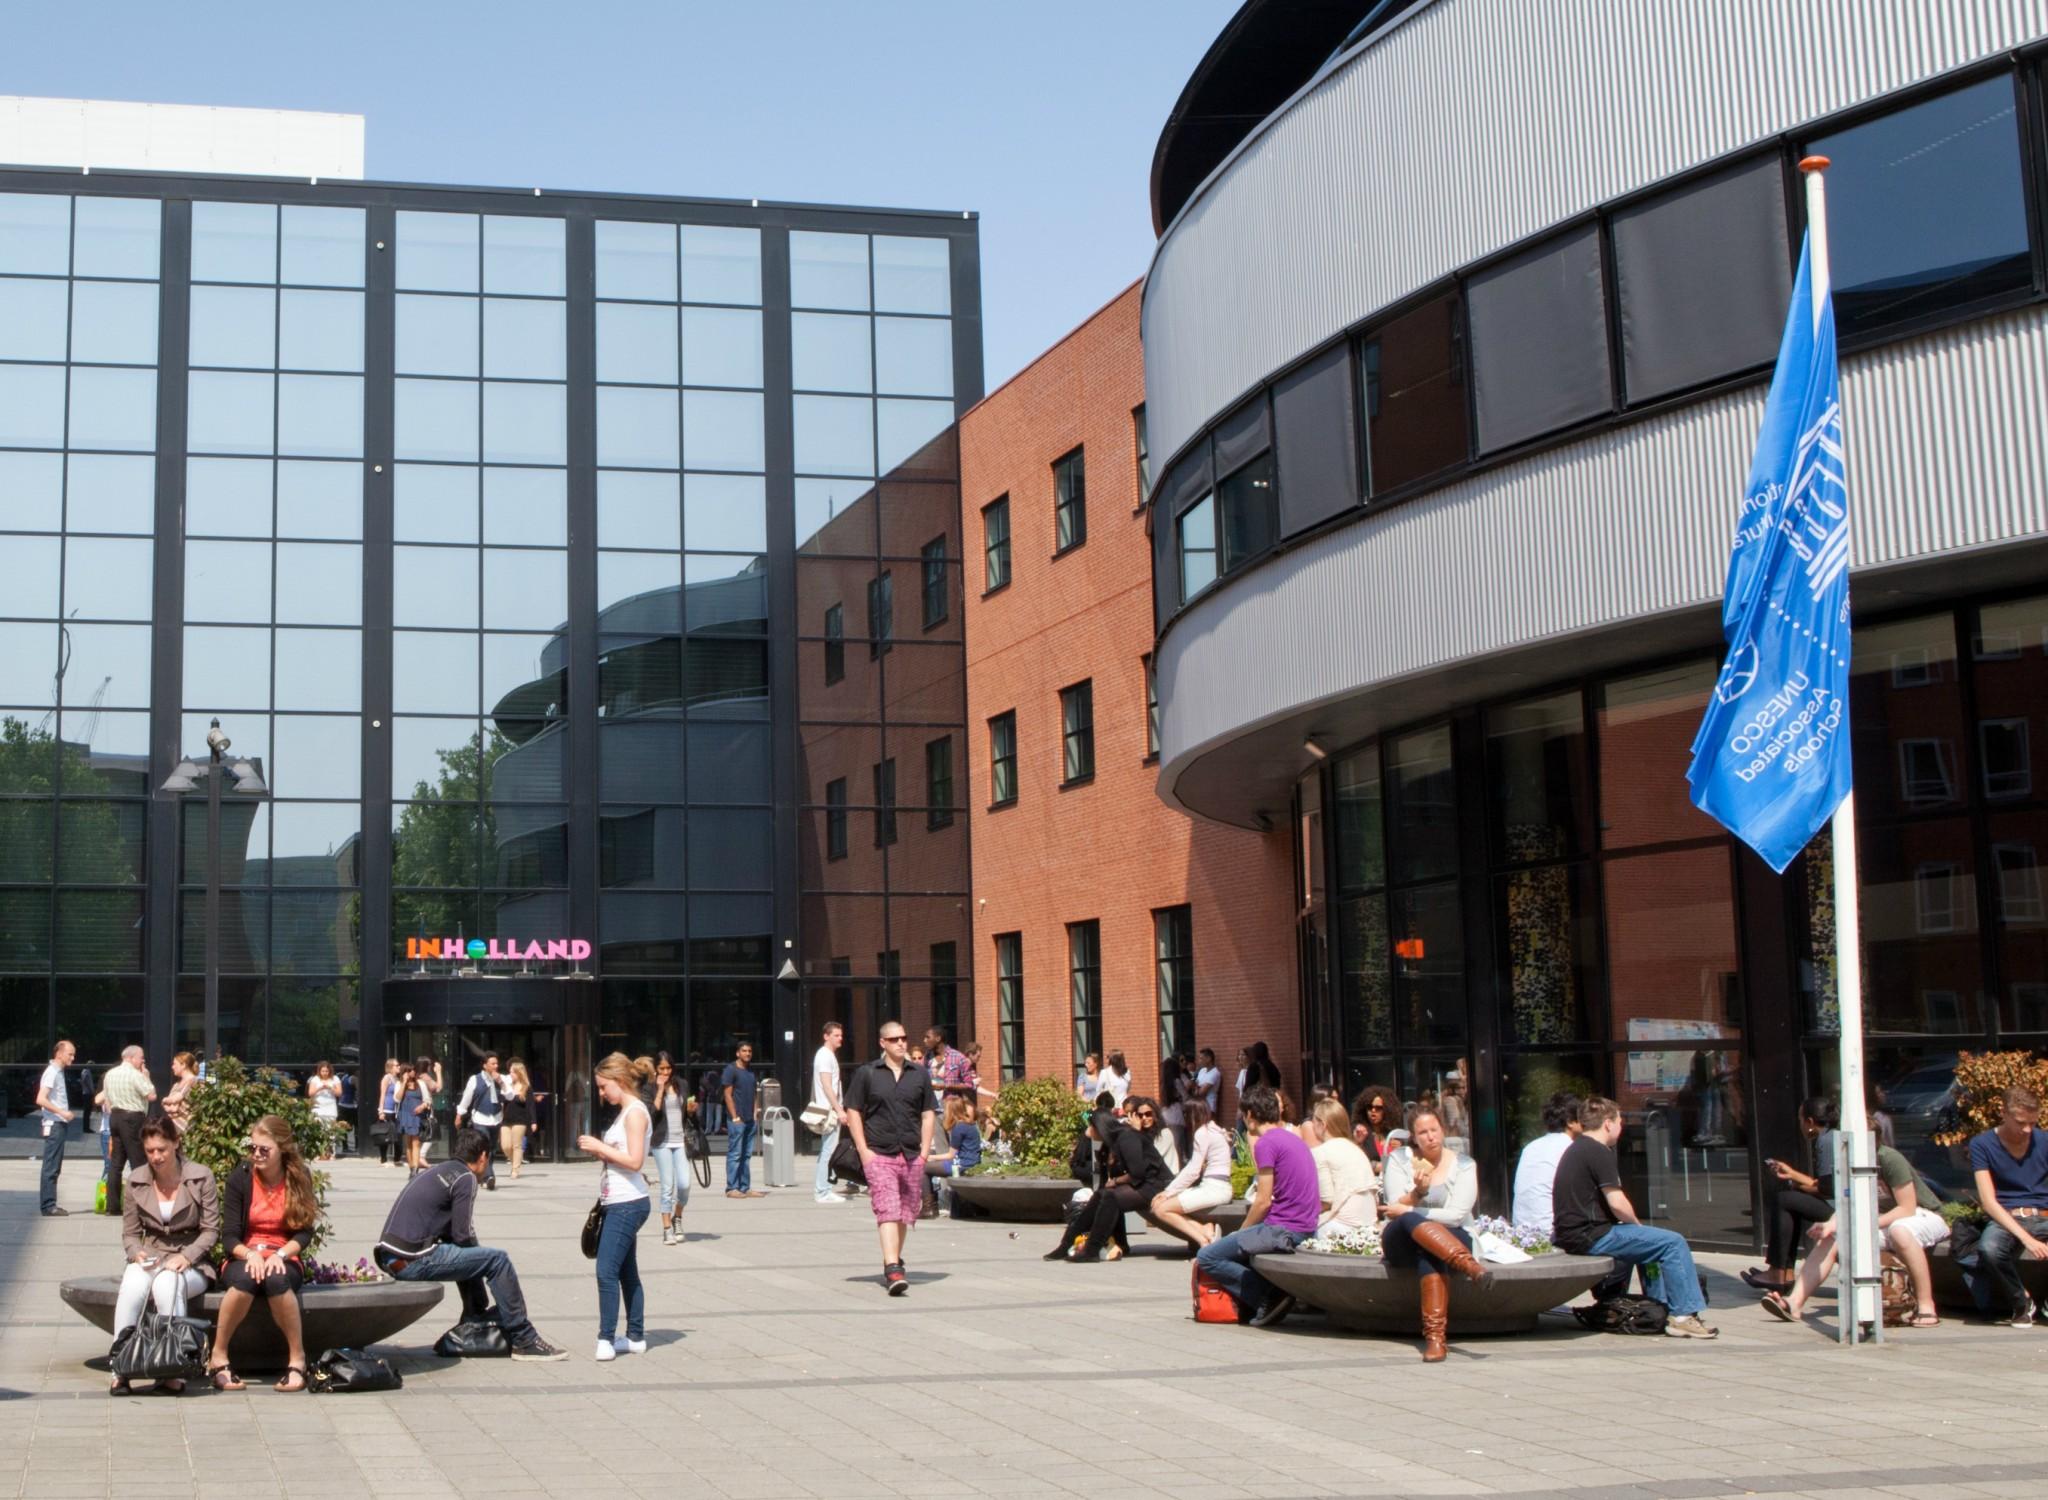 den-haag-voorjaar-2011-1-.jpg